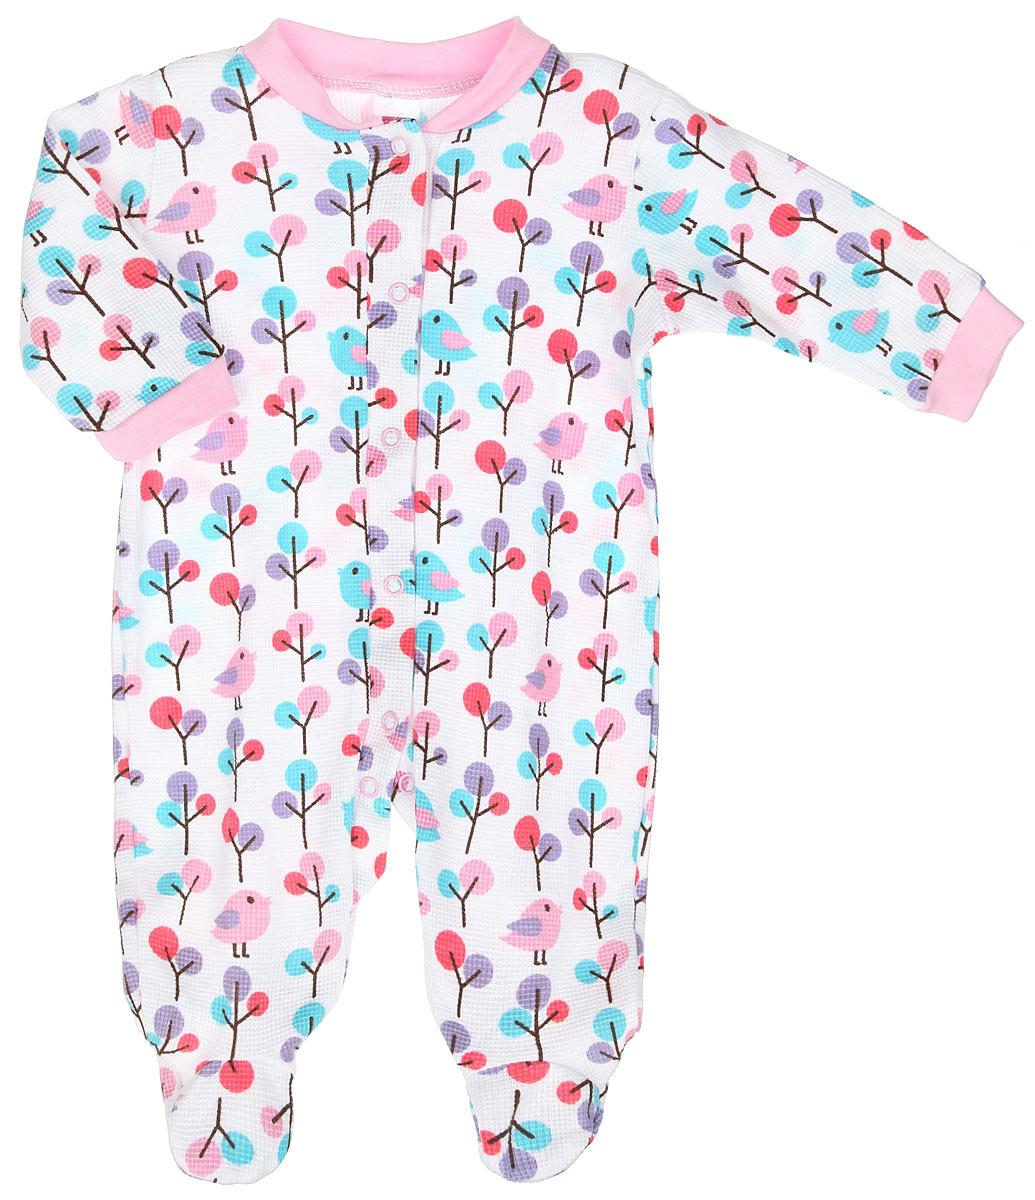 Комбинезон домашний55095Комбинезон для девочки Hudson Baby - удобный и практичный вид одежды для ребенка, который идеально подходит для сна и отдыха. Комбинезон выполнен из натурального хлопка, благодаря чему он очень мягкий и приятный на ощупь, не раздражает нежную кожу малышки и хорошо вентилируется. Комбинезон с длинными рукавами и закрытыми ножками имеет застежки-кнопки от горловины до щиколоток, которые помогают легко переодеть младенца или сменить подгузник. Вырез горловины дополнен мягкой трикотажной резинкой. На рукавах предусмотрены манжеты, не пережимающие запястья. Изделие оформлено принтом с изображением птичек и деревьев по всей поверхности. Комфортный и уютный комбинезон станет незаменимым дополнением к гардеробу вашей маленькой принцессы. Изделие полностью соответствует особенностям жизни младенца в ранний период, не стесняя и не ограничивая его в движениях.